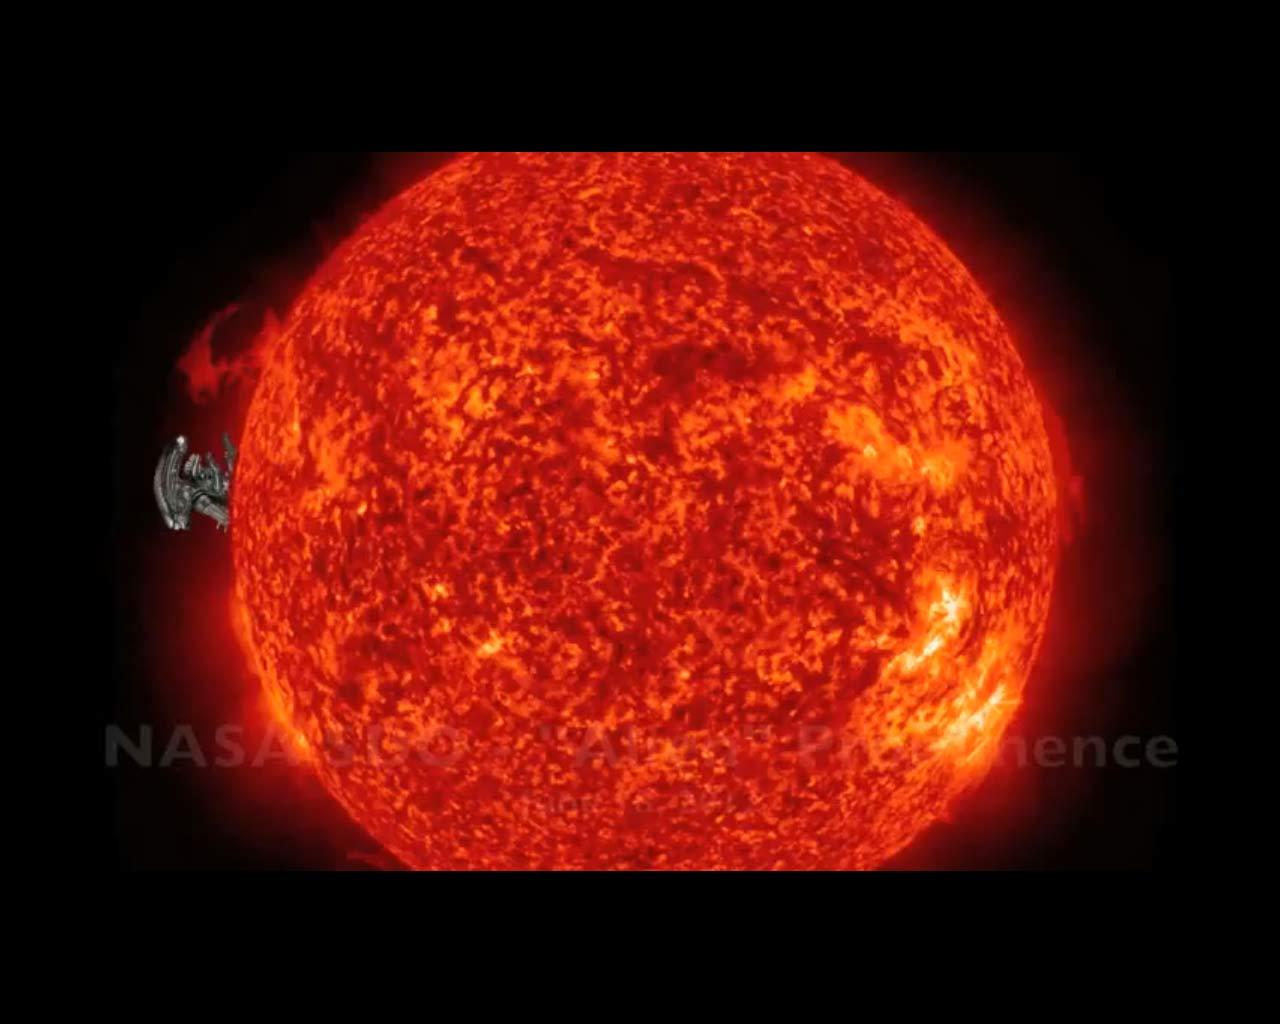 NASA Spacecraft Spies 'Alien' Prominence on the Sun